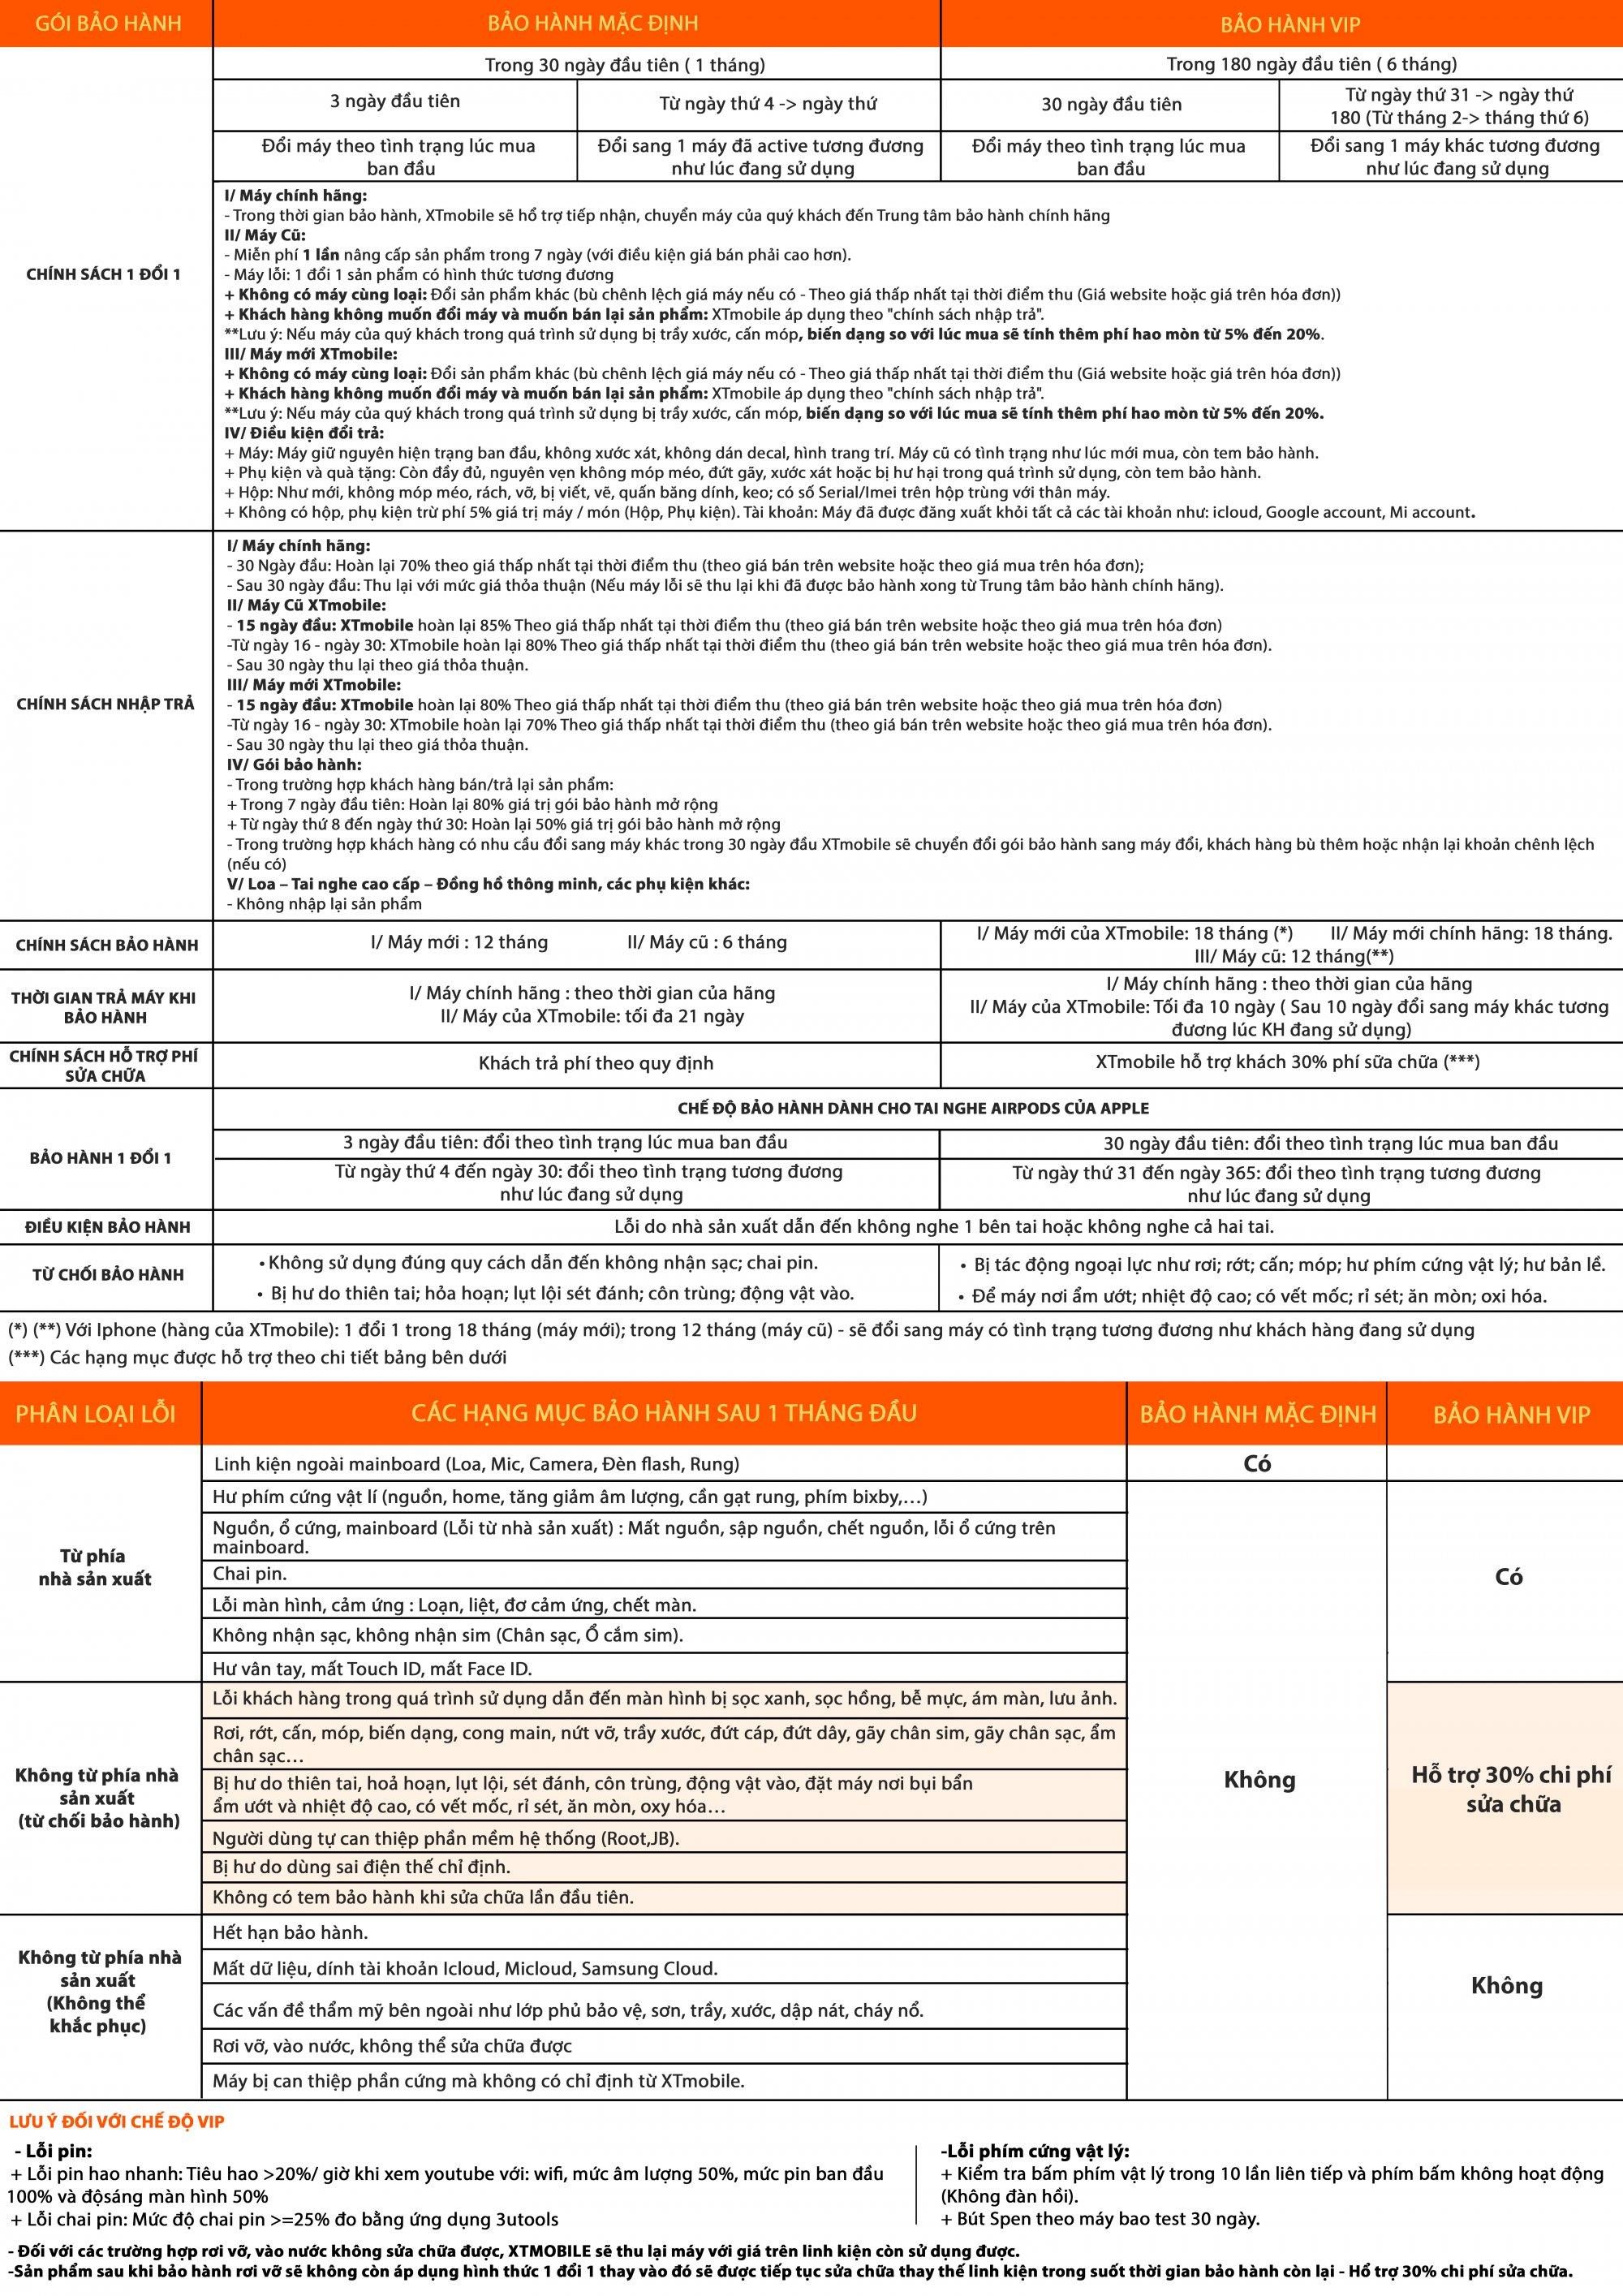 csbh-29-6-2020